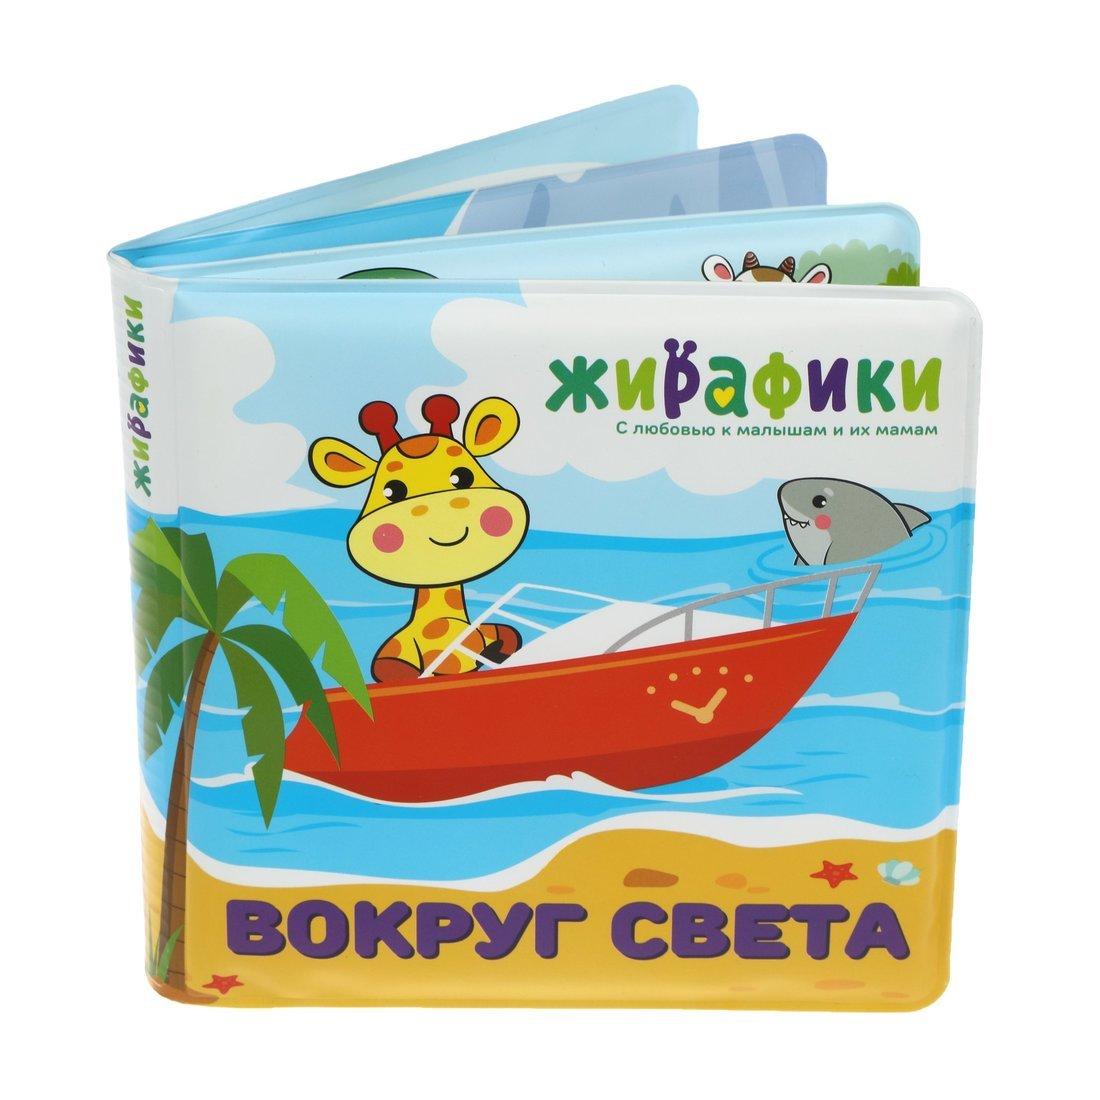 Игрушка-книжка для купания  Вокруг света , 14х14 см, ПВХ